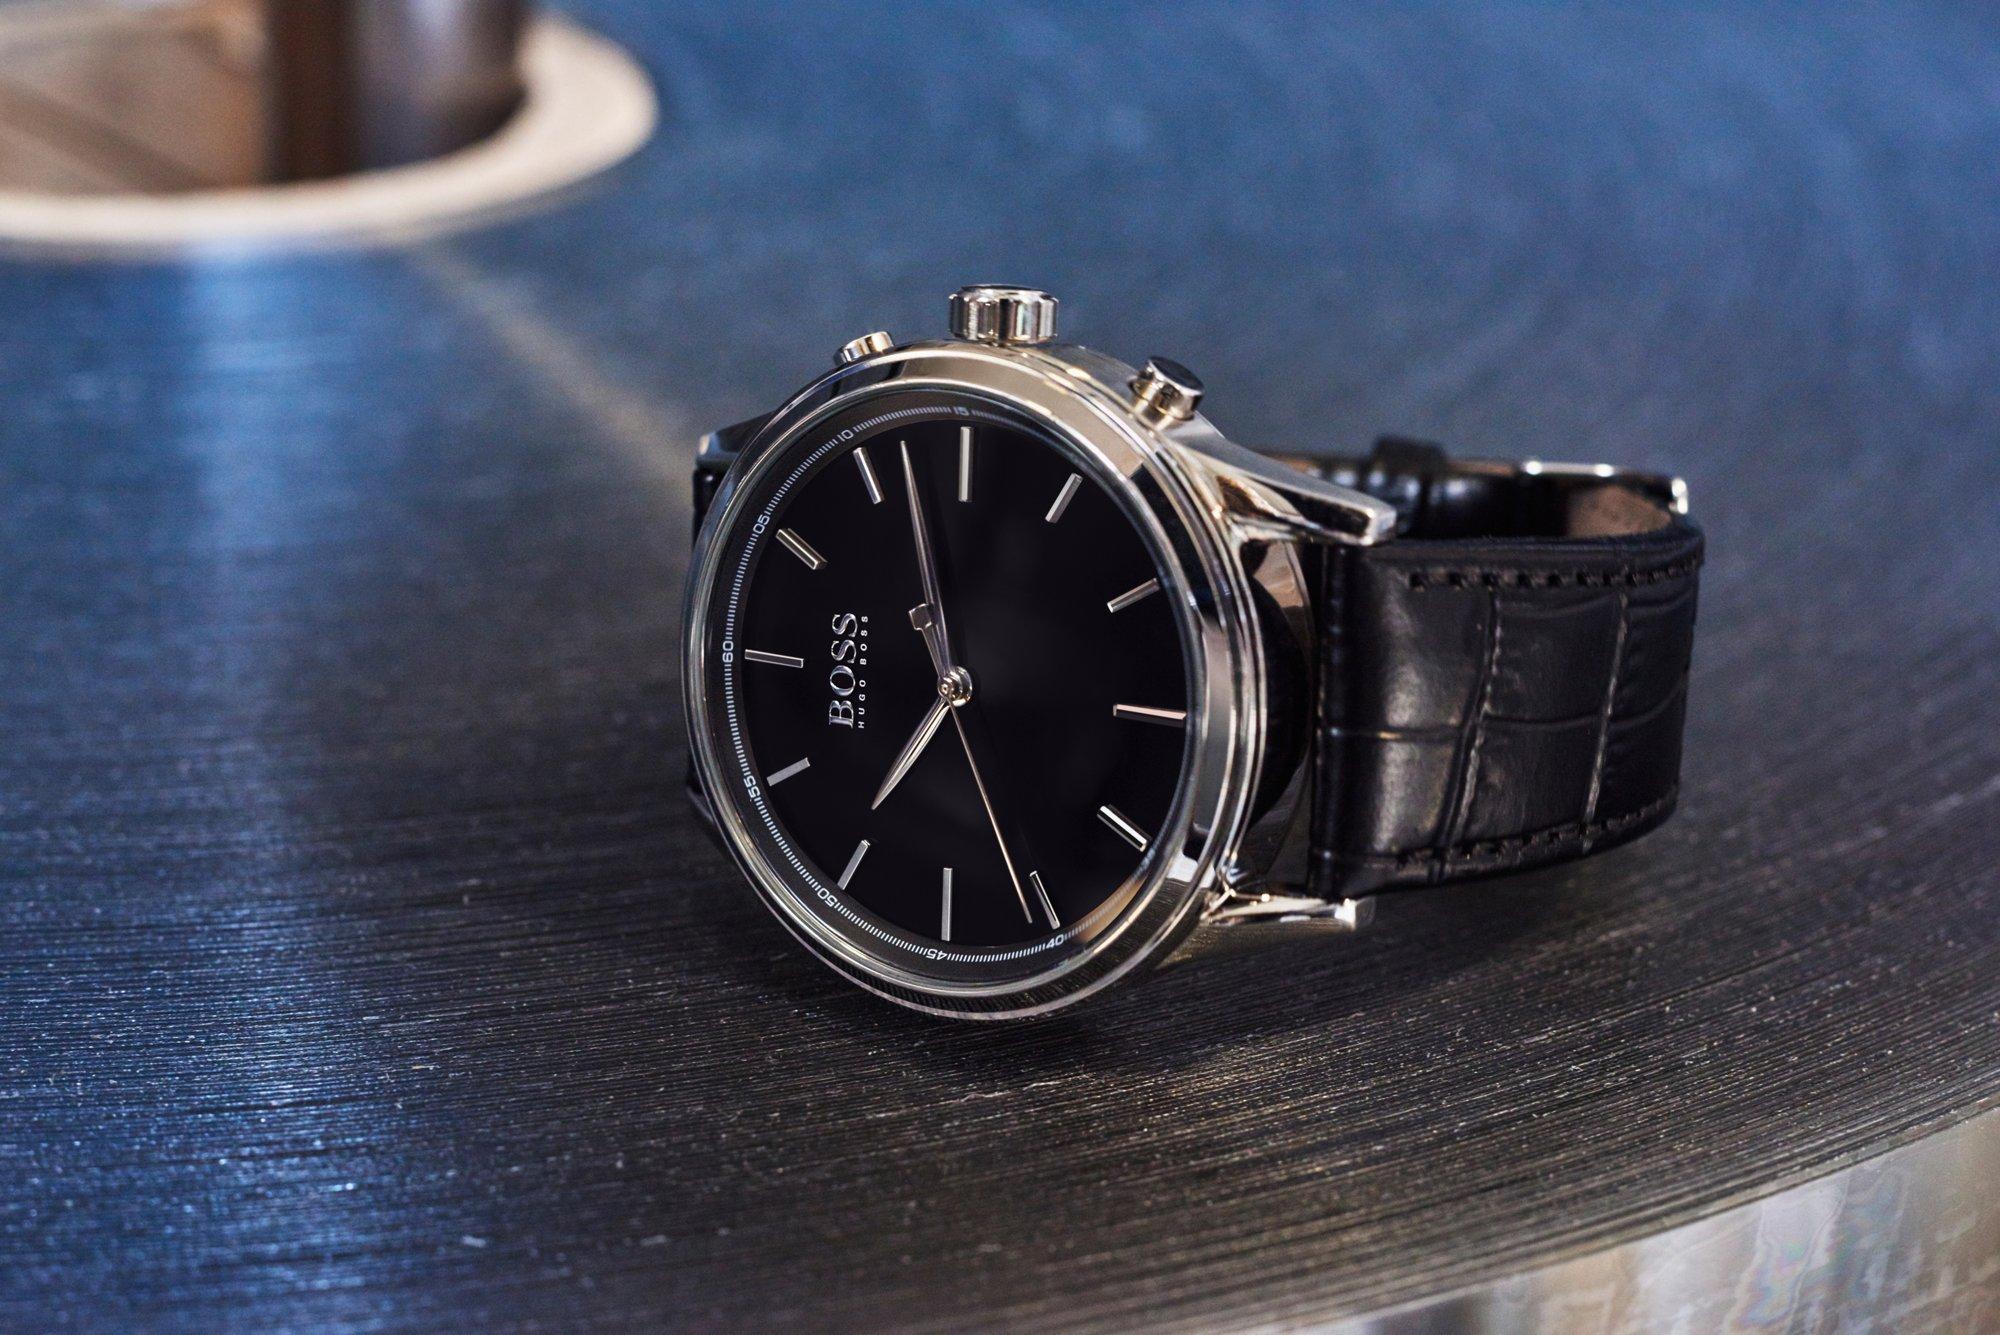 Black watch by BOSS